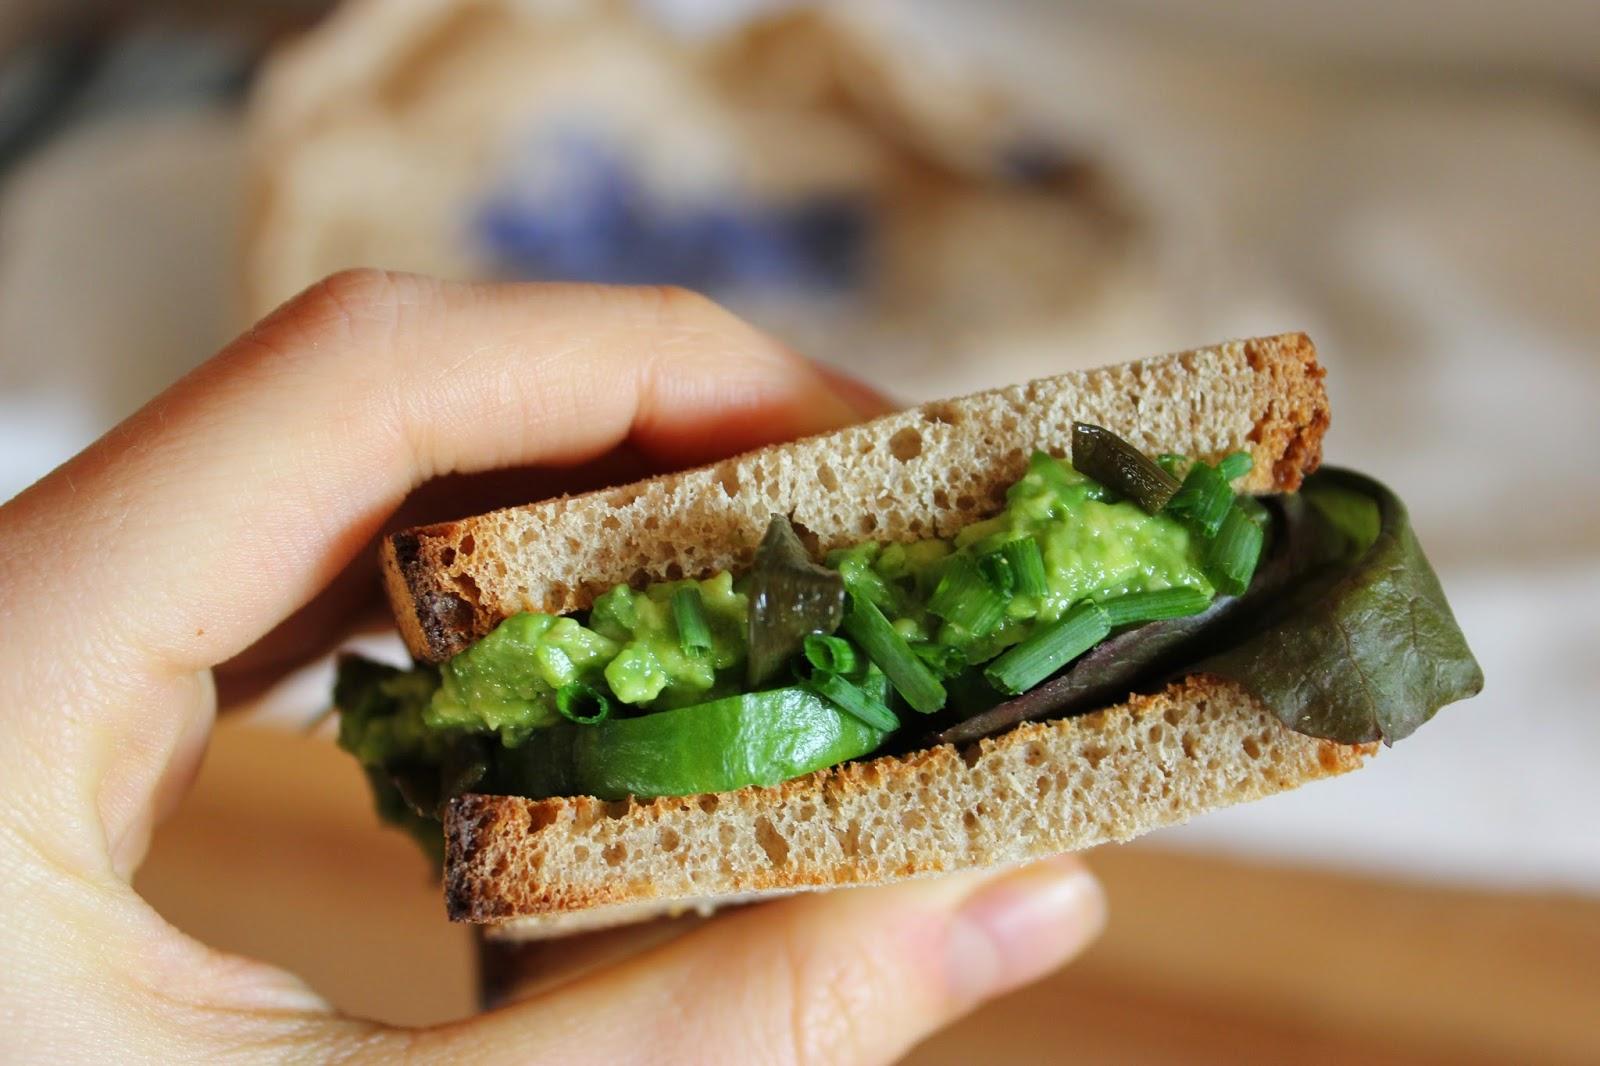 https://cuillereetsaladier.blogspot.com/2015/09/pour-des-sandwichs-vegan-qui-depotent.html